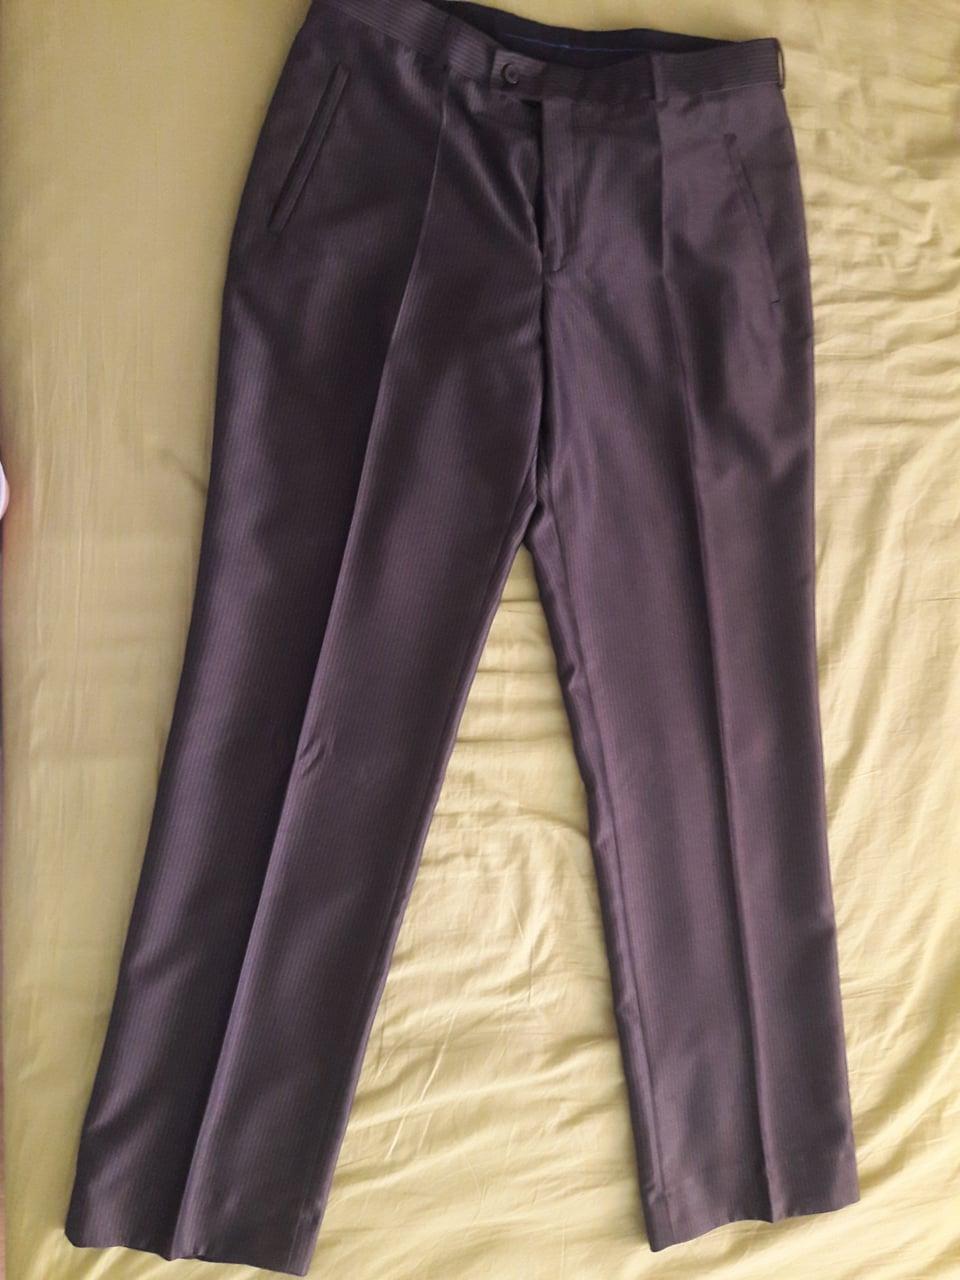 Pánske elegantné nohavice - Obrázok č. 1